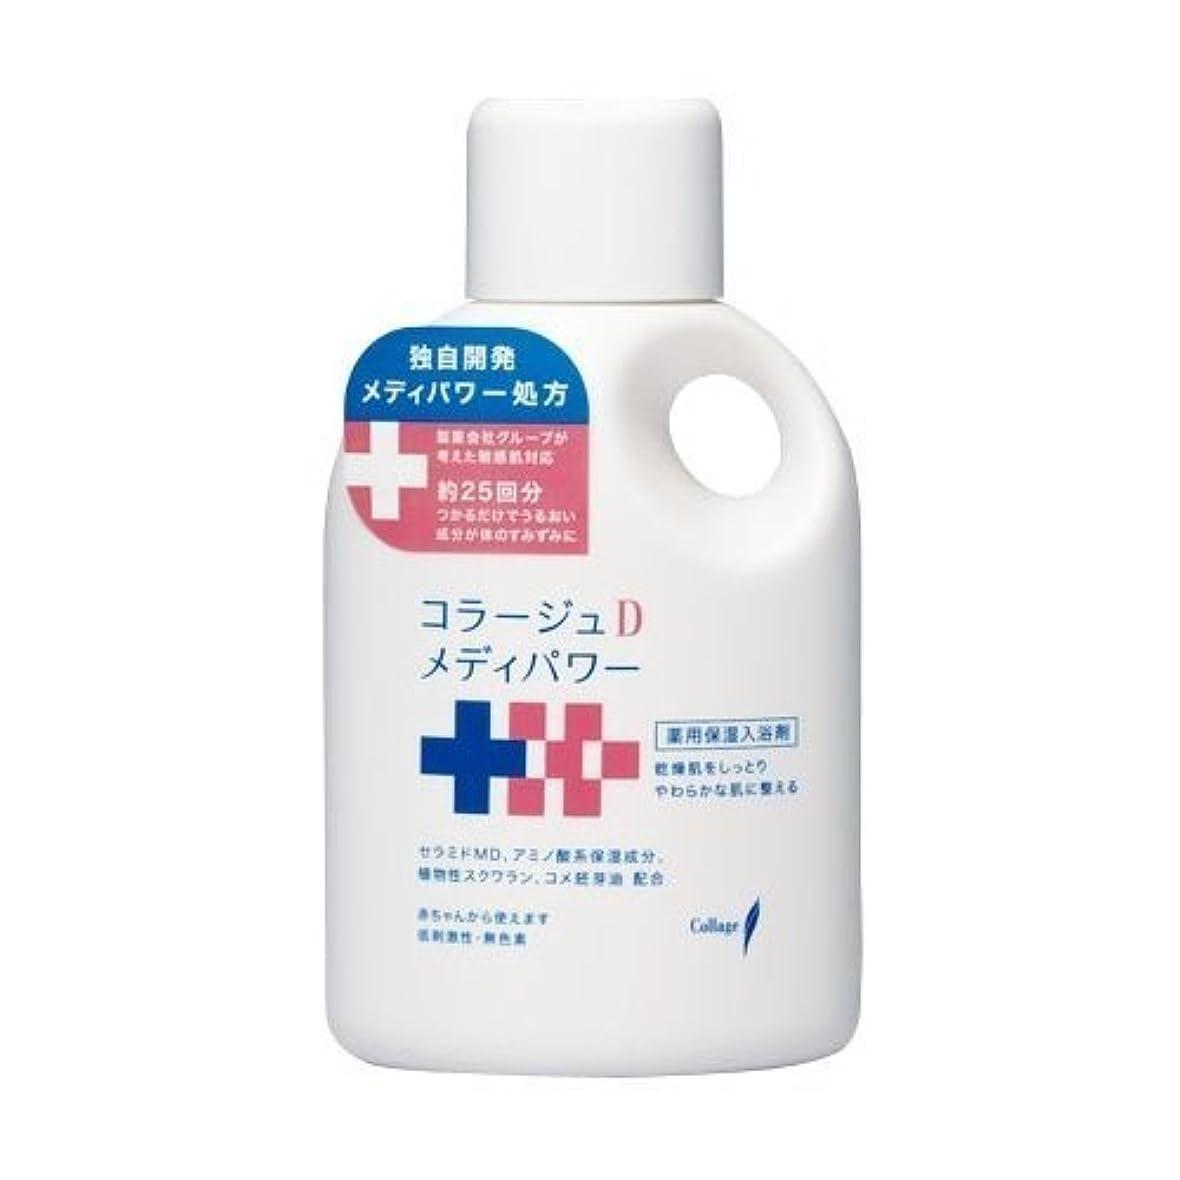 警告シャワー分類するコラージュ Dメディパワー 保湿入浴剤 500mL×6個